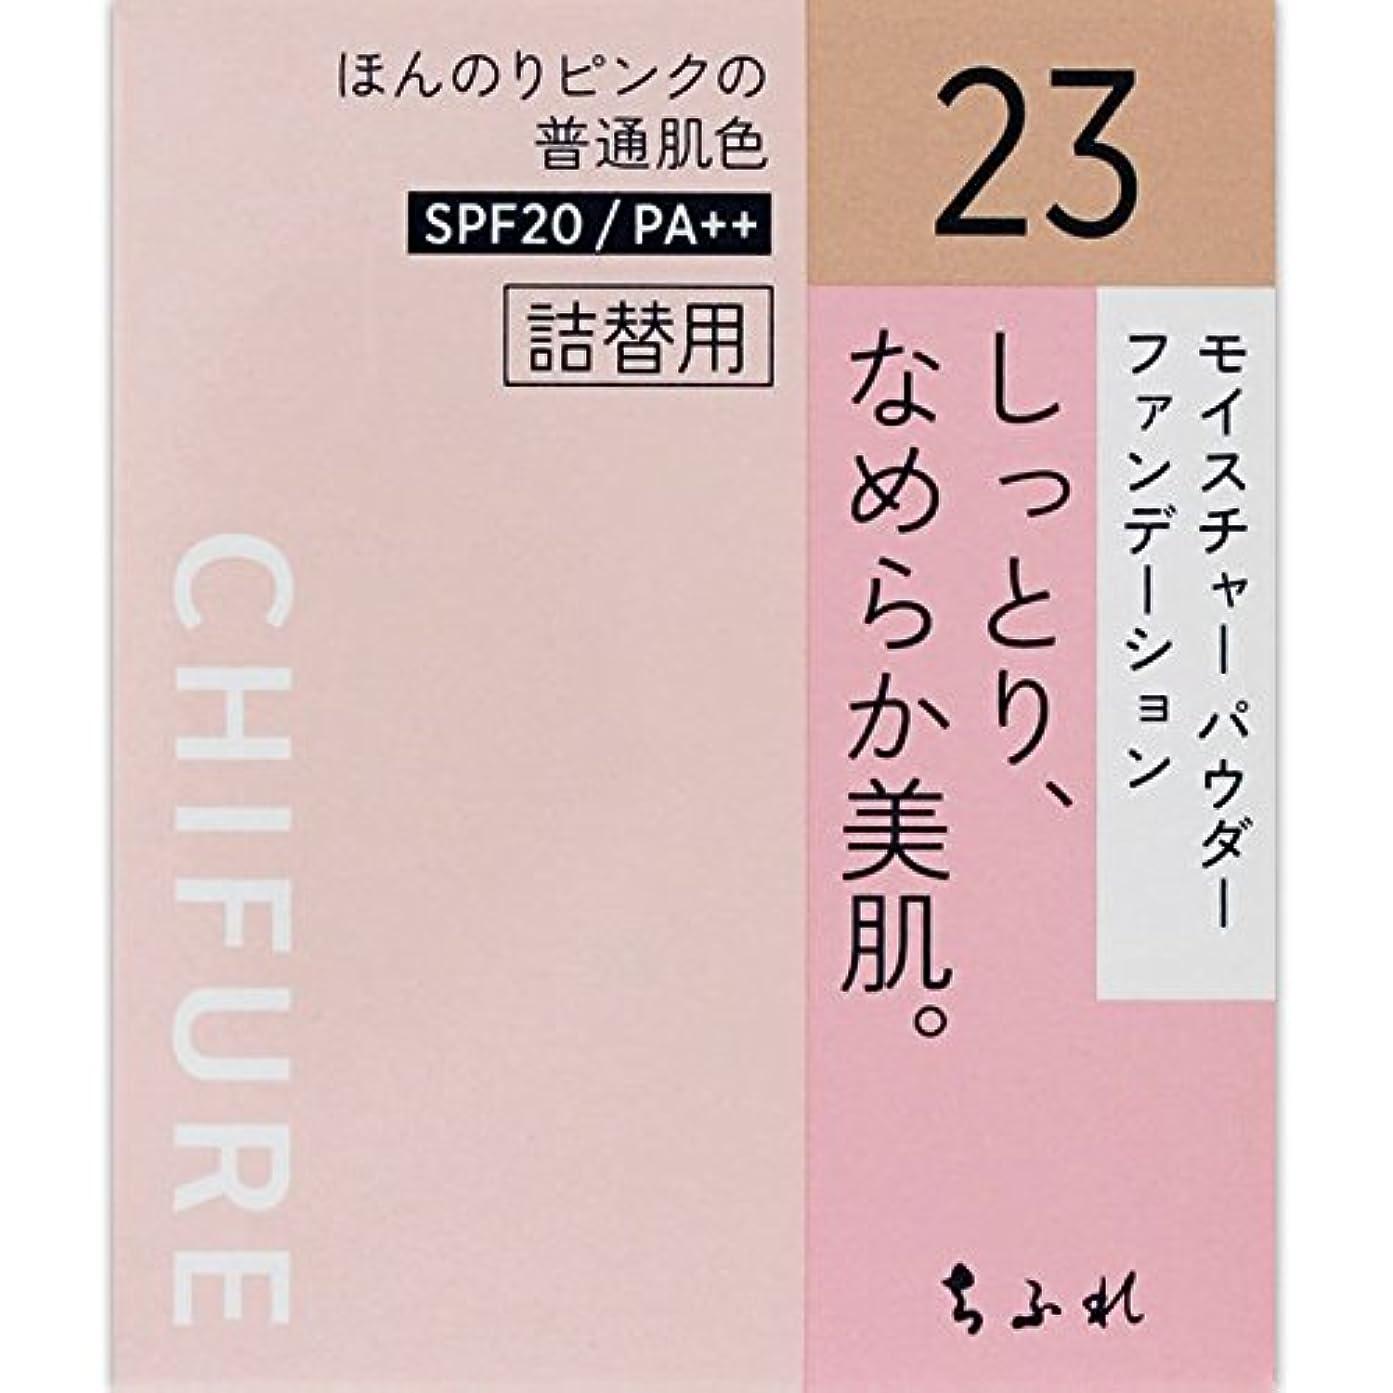 舌な必需品湿原ちふれ化粧品 モイスチャー パウダーファンデーション 詰替用 ピンクオークル系 MパウダーFD詰替用23